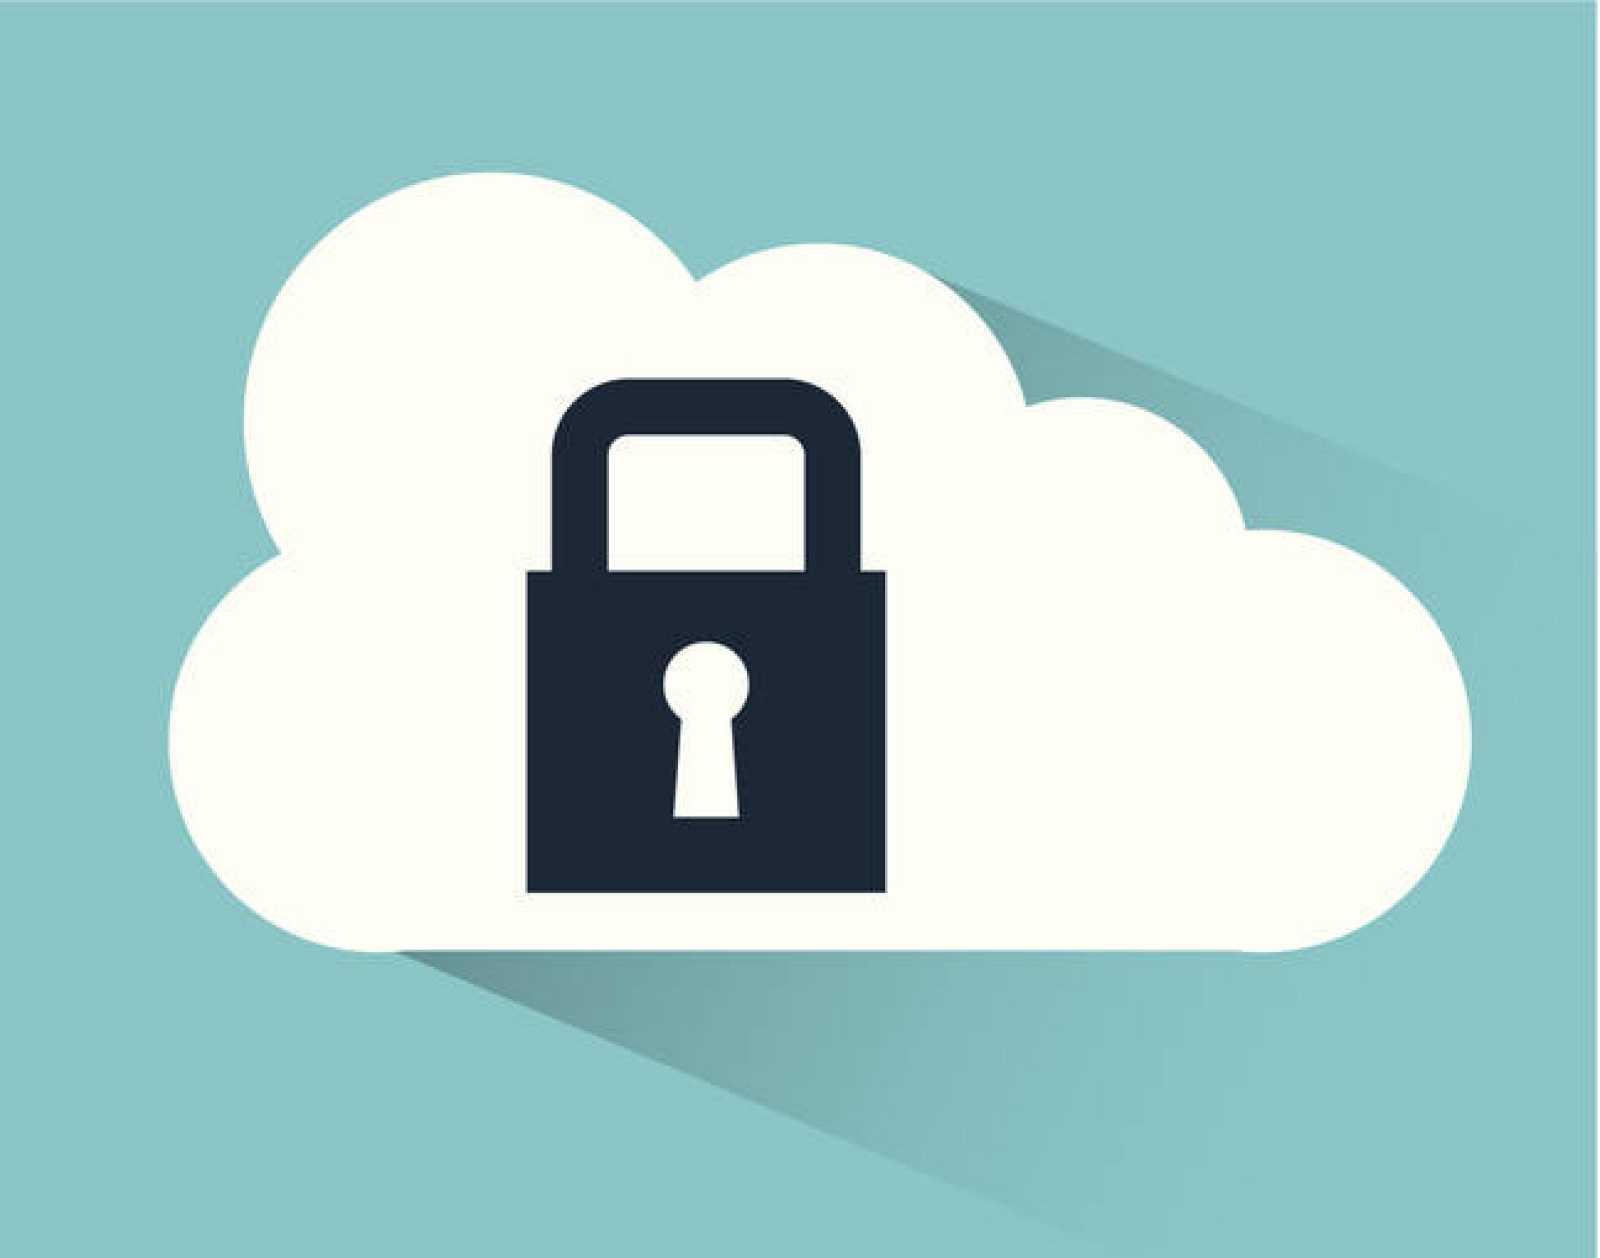 Ilustración sobre la seguridad en la nube.